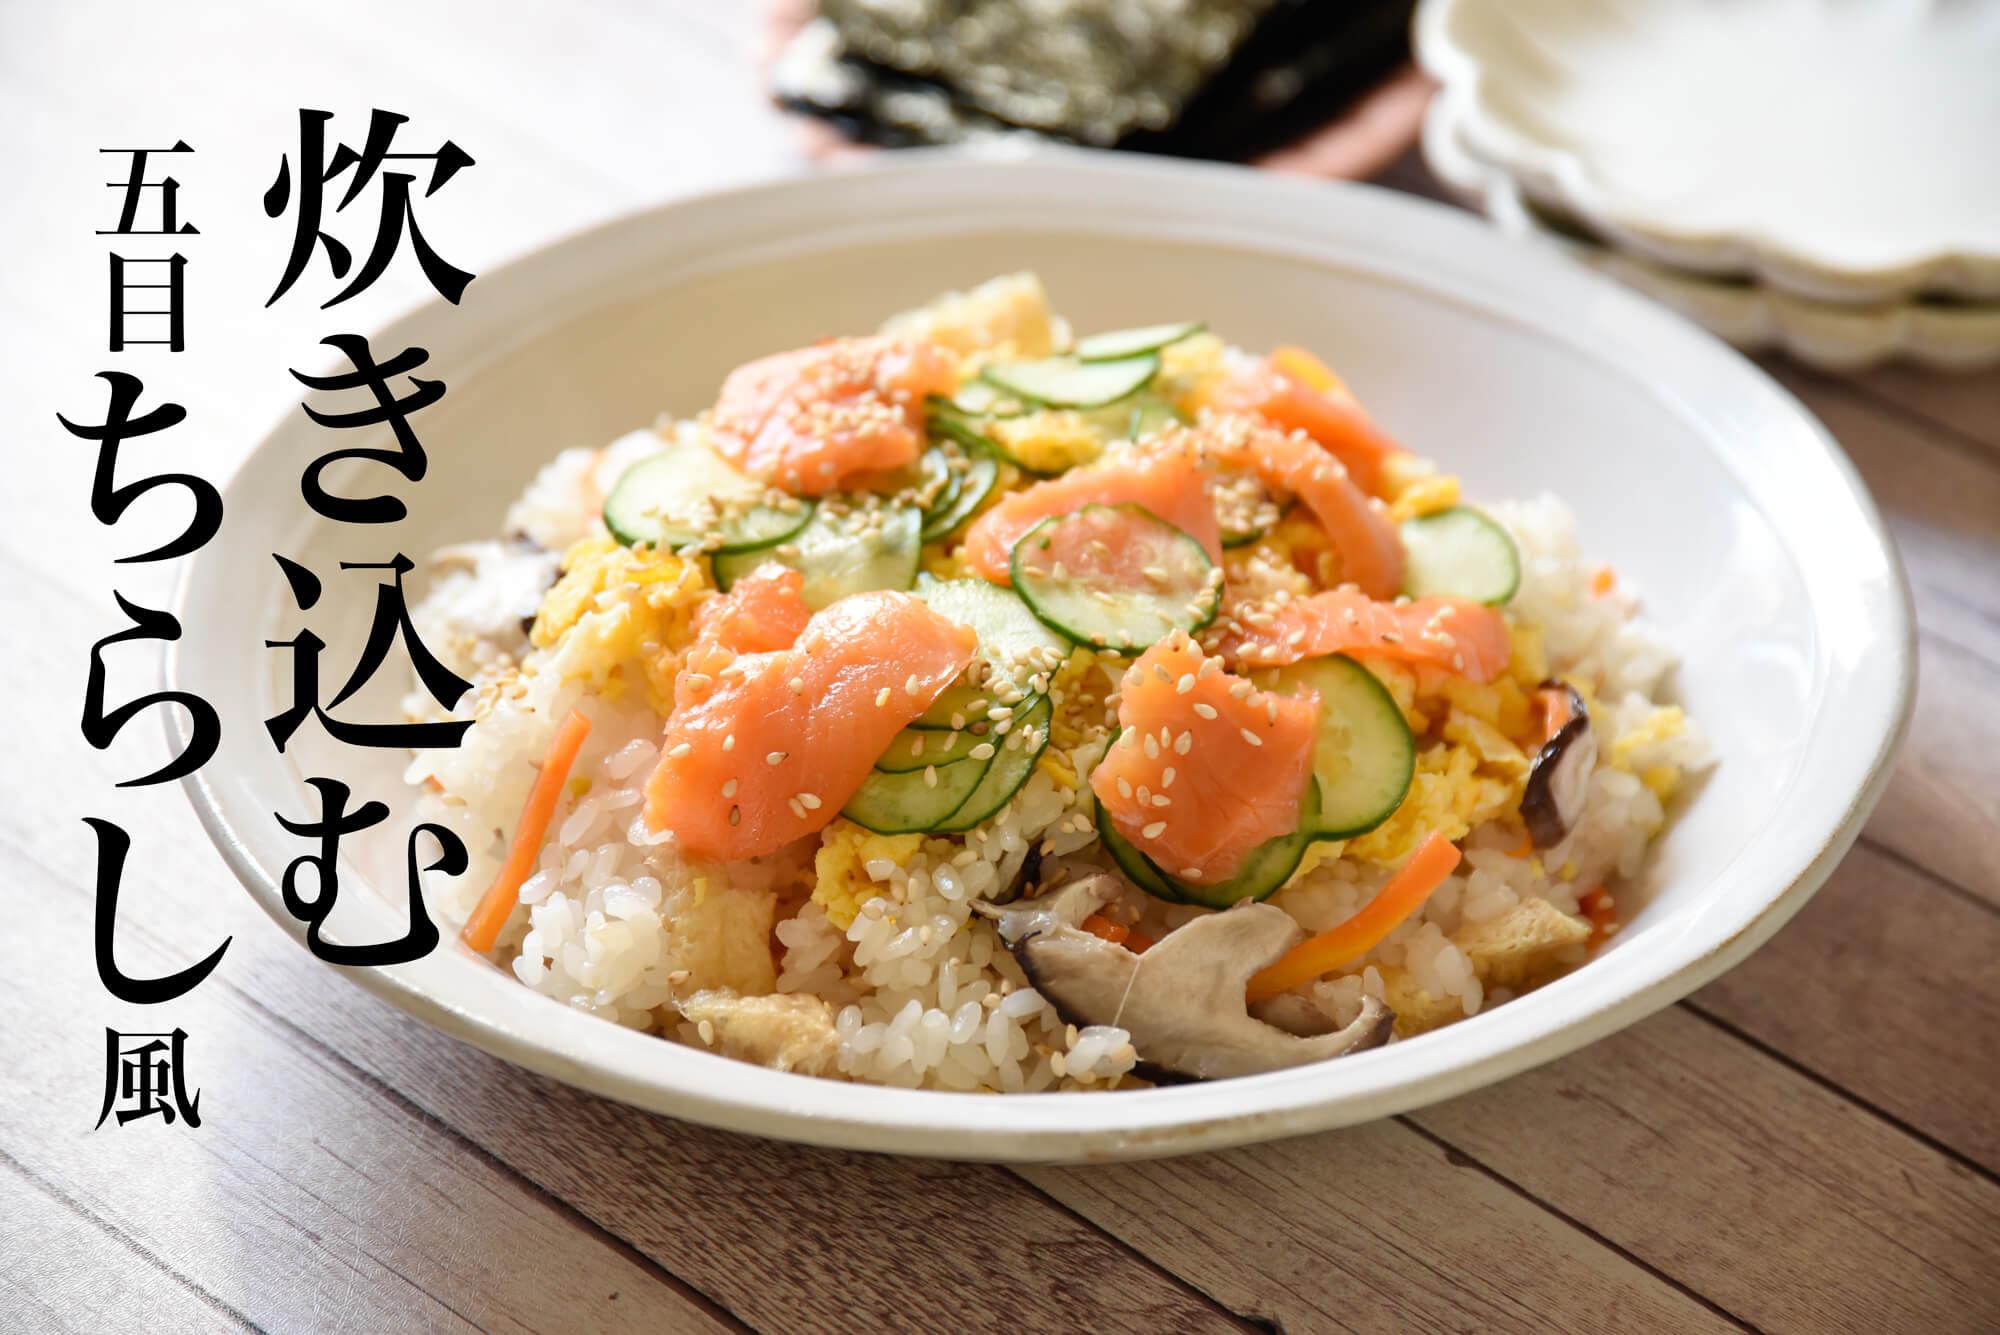 炊飯器で「炊き込み五目ちらし寿司風」レシピ